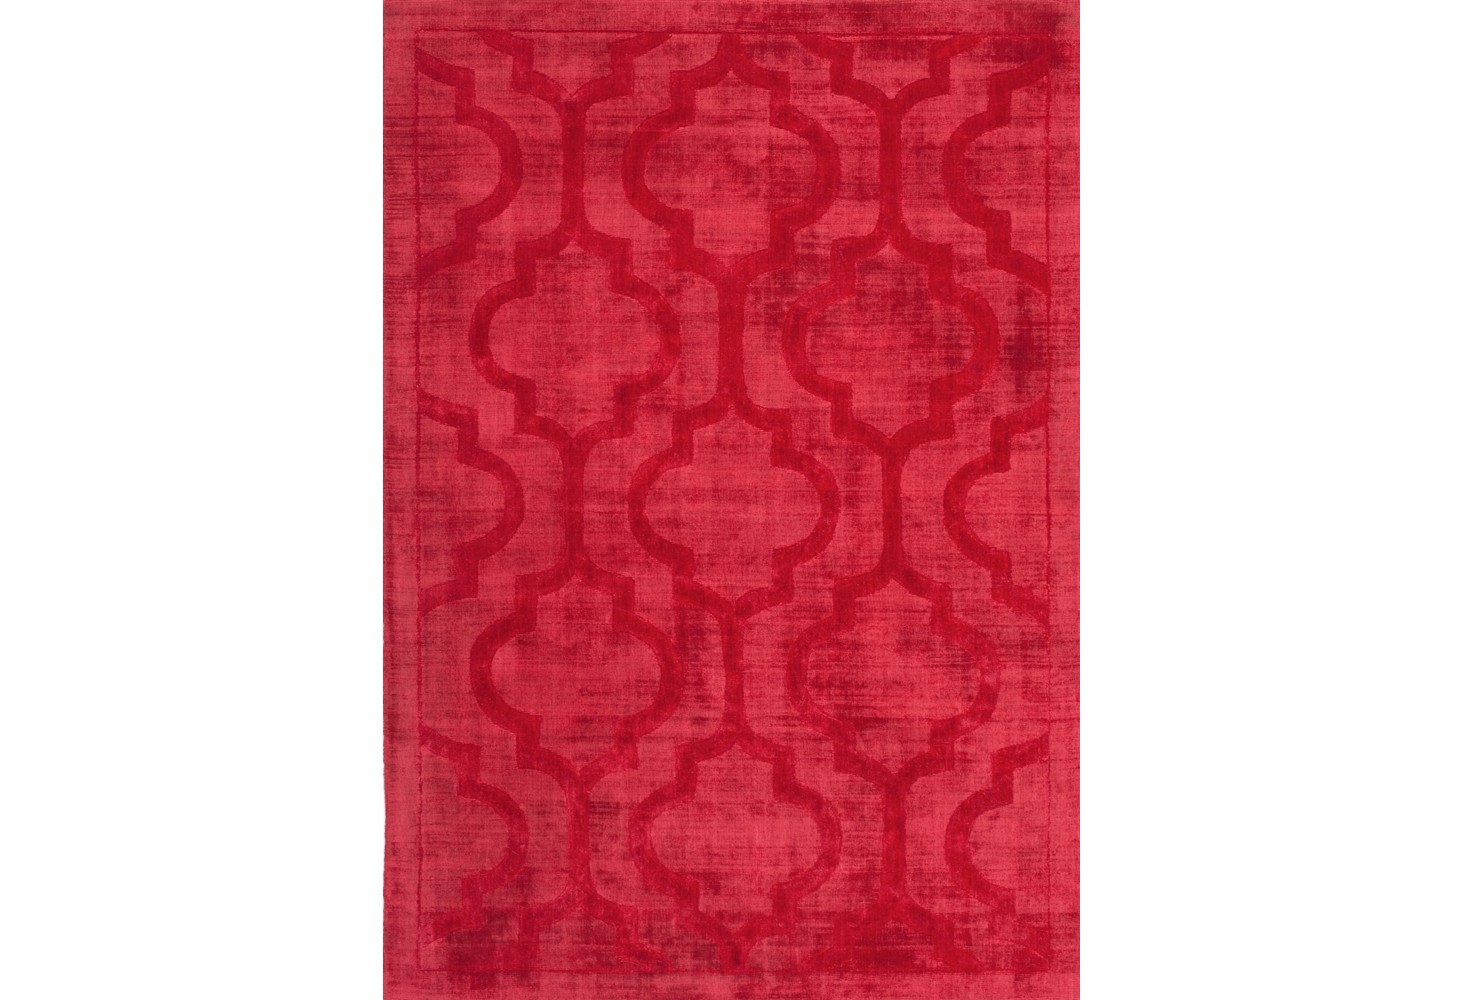 Ковер Eternity 160х230Прямоугольные ковры<br>Мягкие и шелковистые ковры ручной работы, <br>очень красиво блестят и переливаются в <br>зависимости от освещения в интерьере. При <br>дневном освещении оттенок может быть бледнее, <br>при искусственном более насыщенным.&amp;lt;div&amp;gt;&amp;lt;br&amp;gt;&amp;lt;/div&amp;gt;&amp;lt;div&amp;gt;Основа - хлопок.&amp;lt;/div&amp;gt;<br><br>Material: Шерсть<br>Ширина см: 160<br>Глубина см: 230